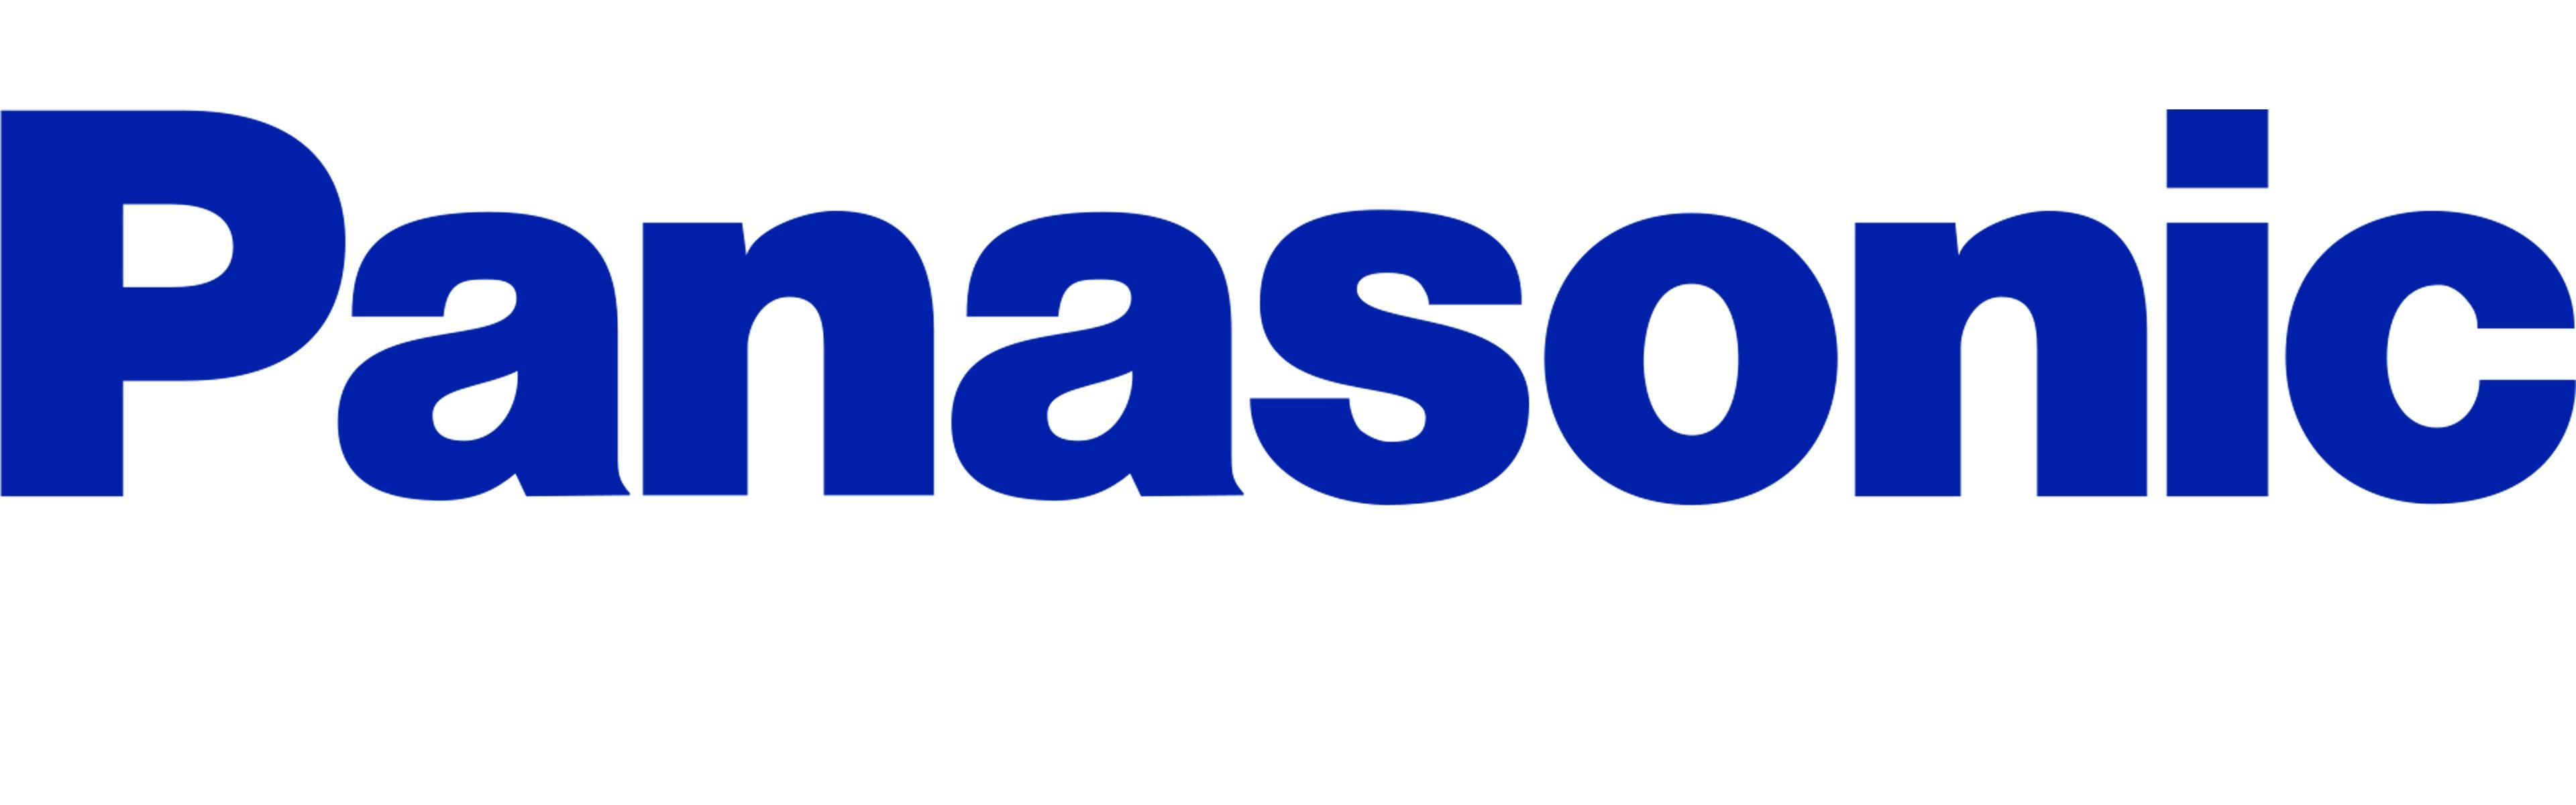 panasonic_logo-3840x1200